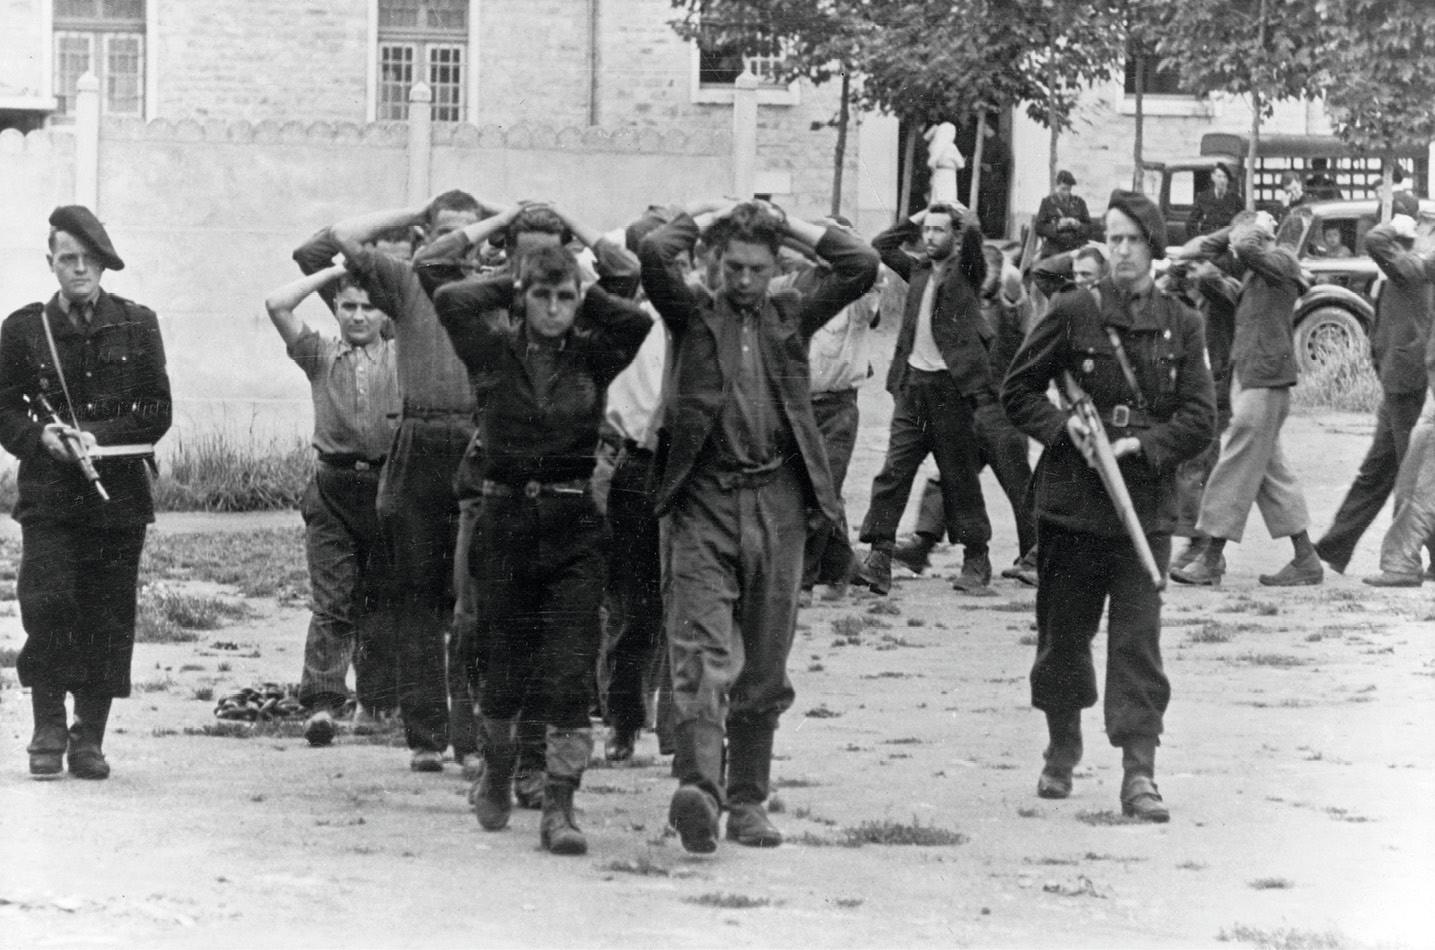 Arrestation de résistants par des miliciens français, 1943, photographie anonyme.